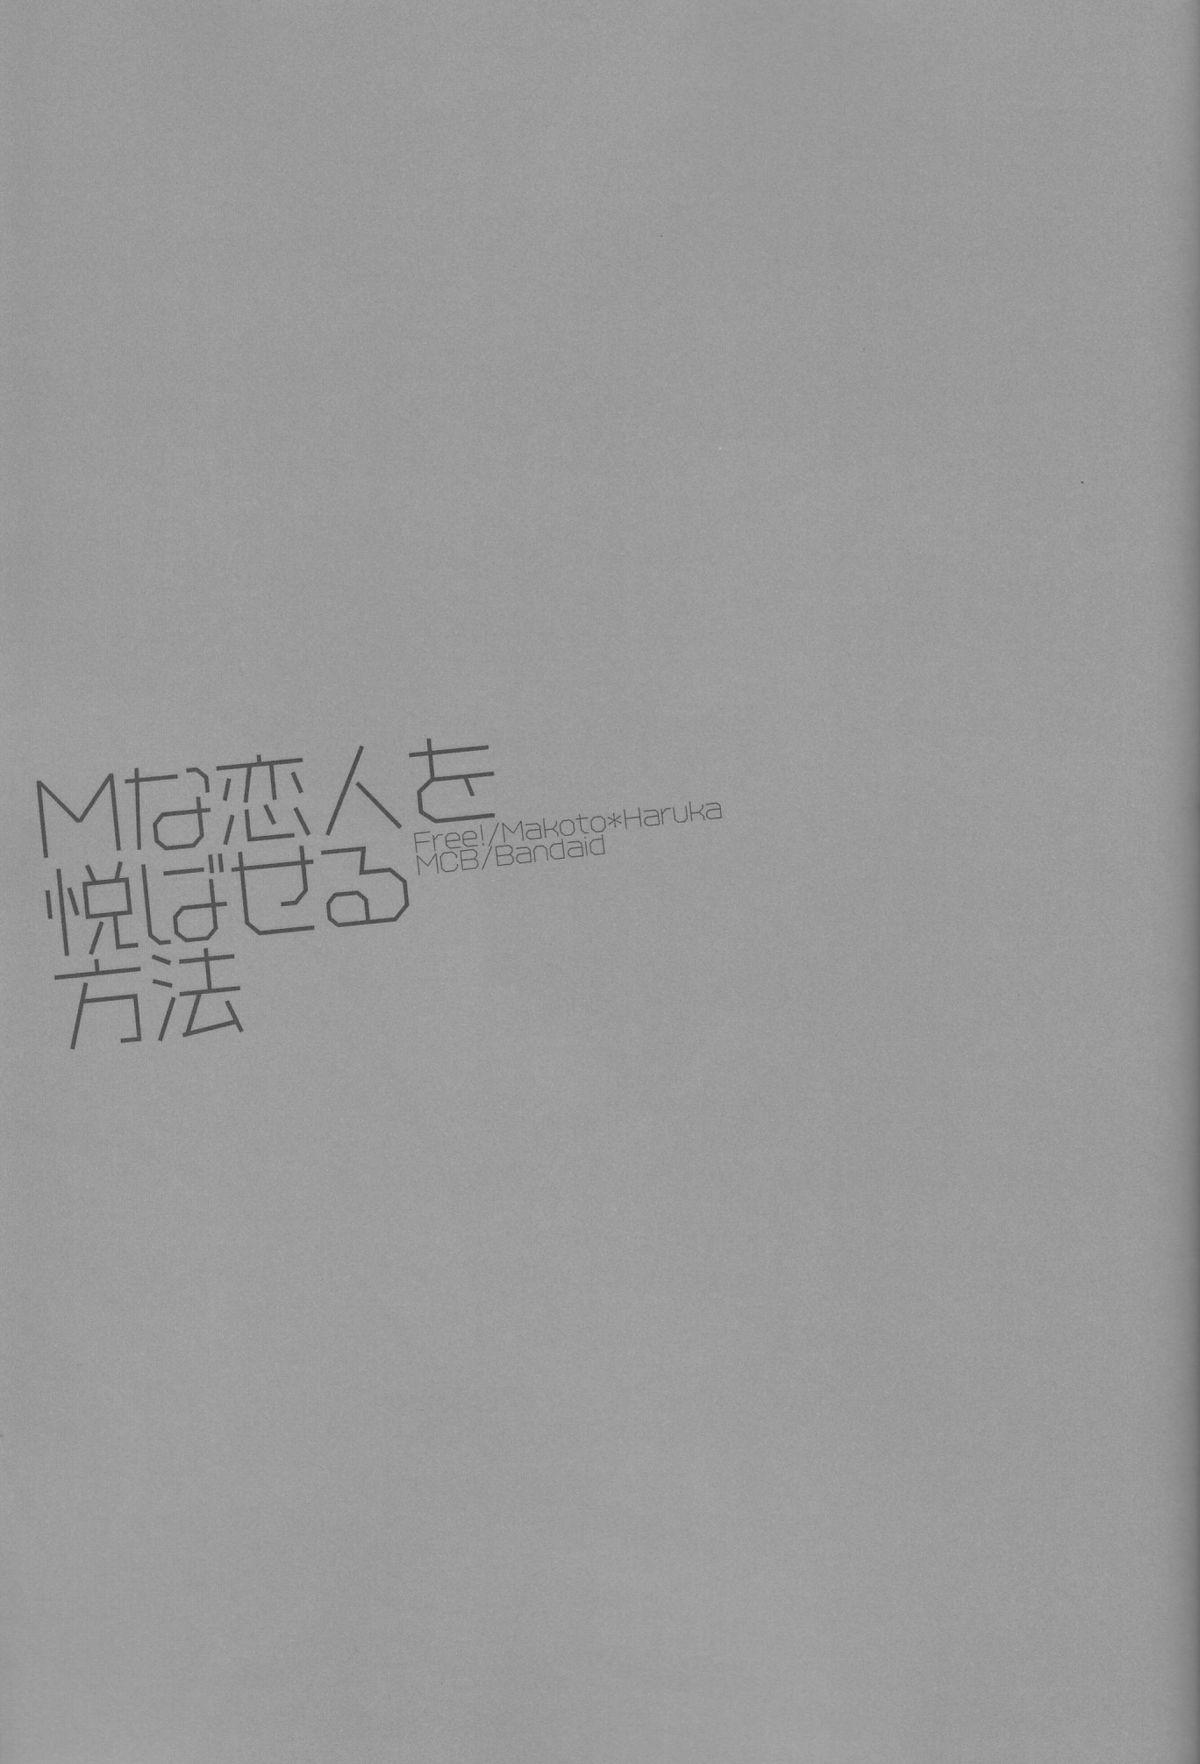 M na Koibito o Yorokobaseru Houhou 24